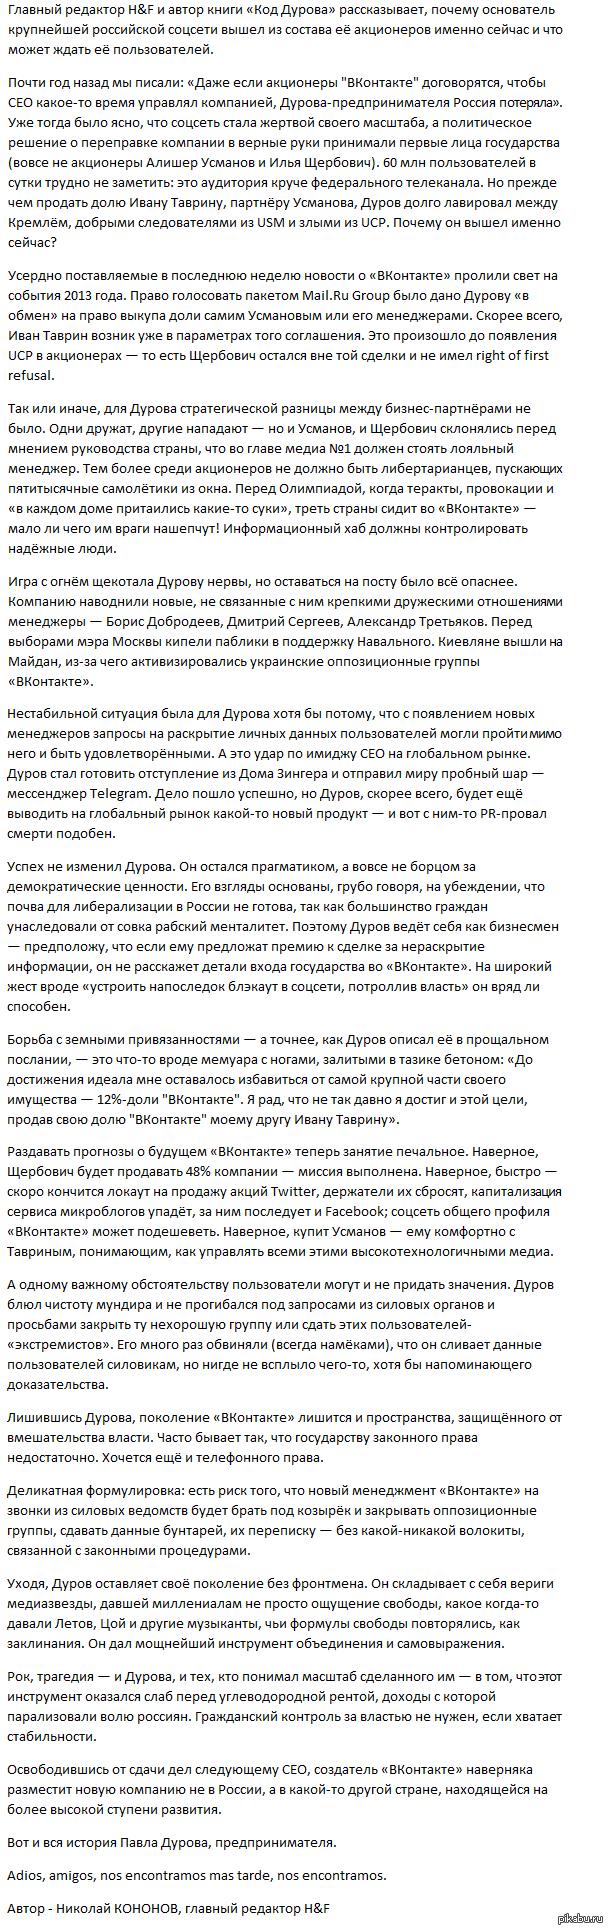 """Почему Павел Дуров ушёл из """"ВКонтакте"""" А теперь читаем первые буквы каждого абзаца начиная со второго =) похожие посты не нашел"""